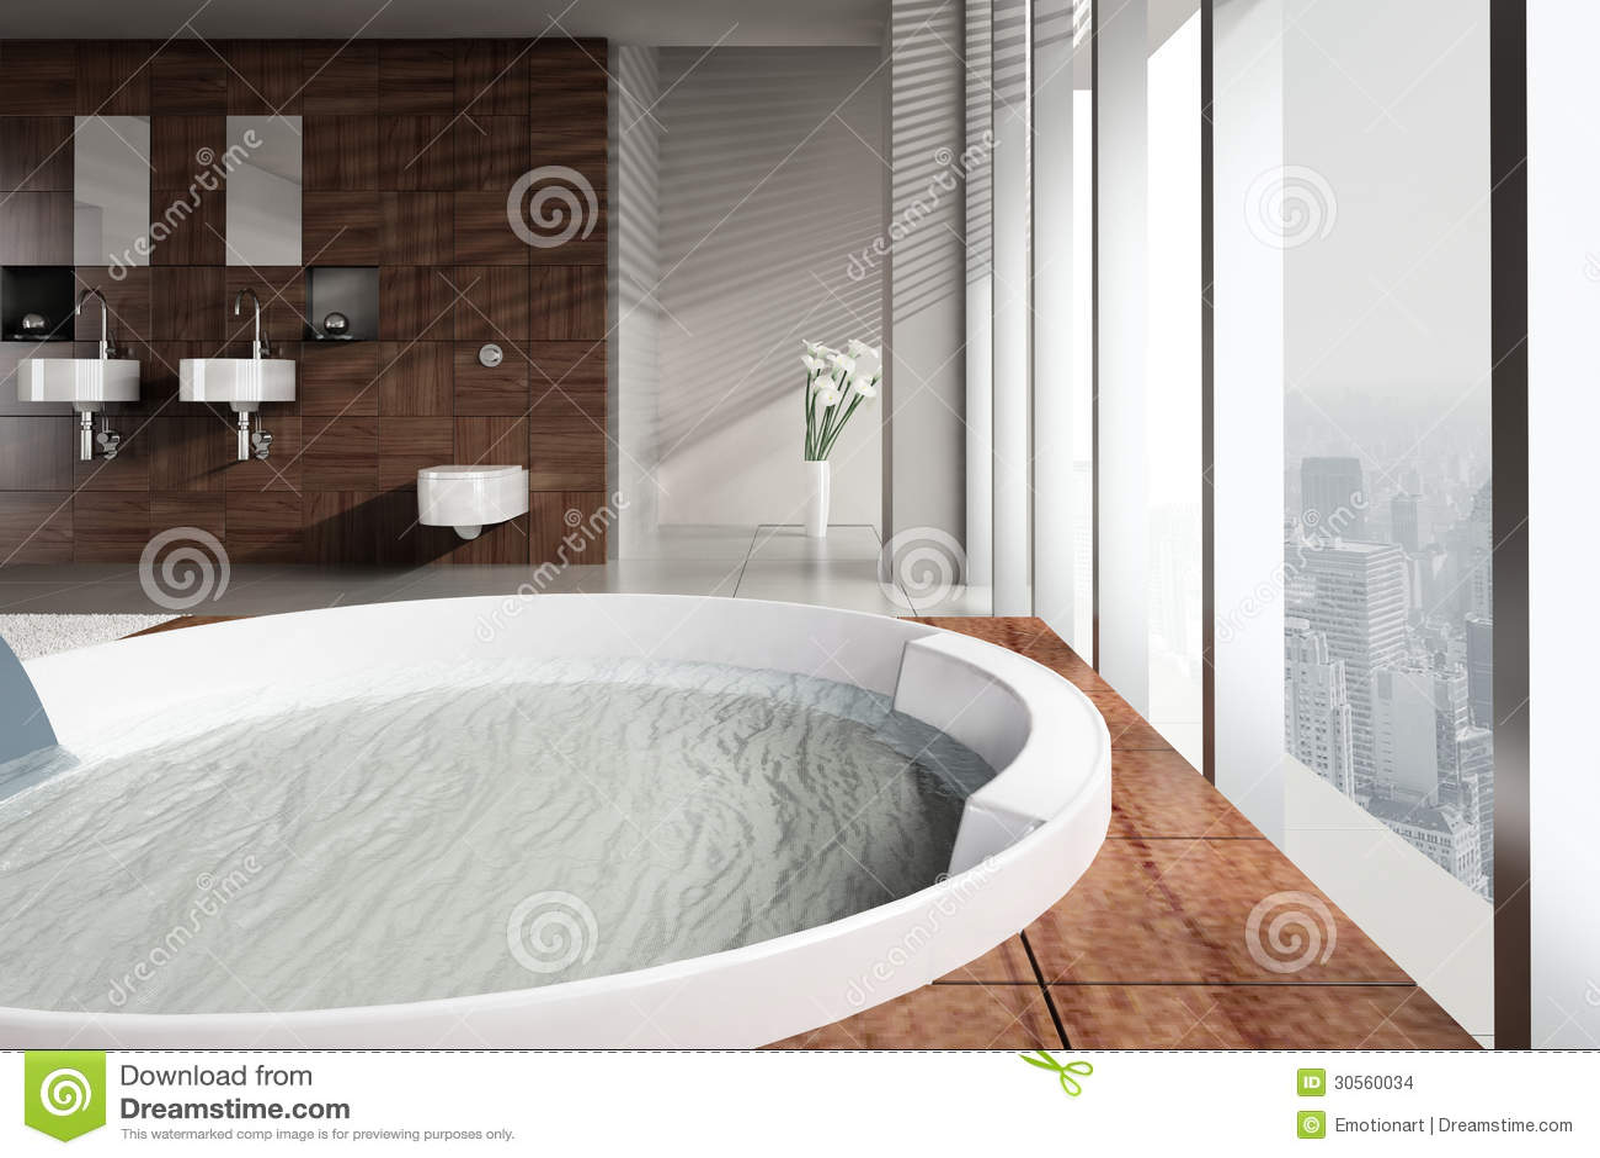 Imagenes De Baño Con Jacuzzi:Imagenes de archivo: Cuarto de baño moderno con el lavabo y el